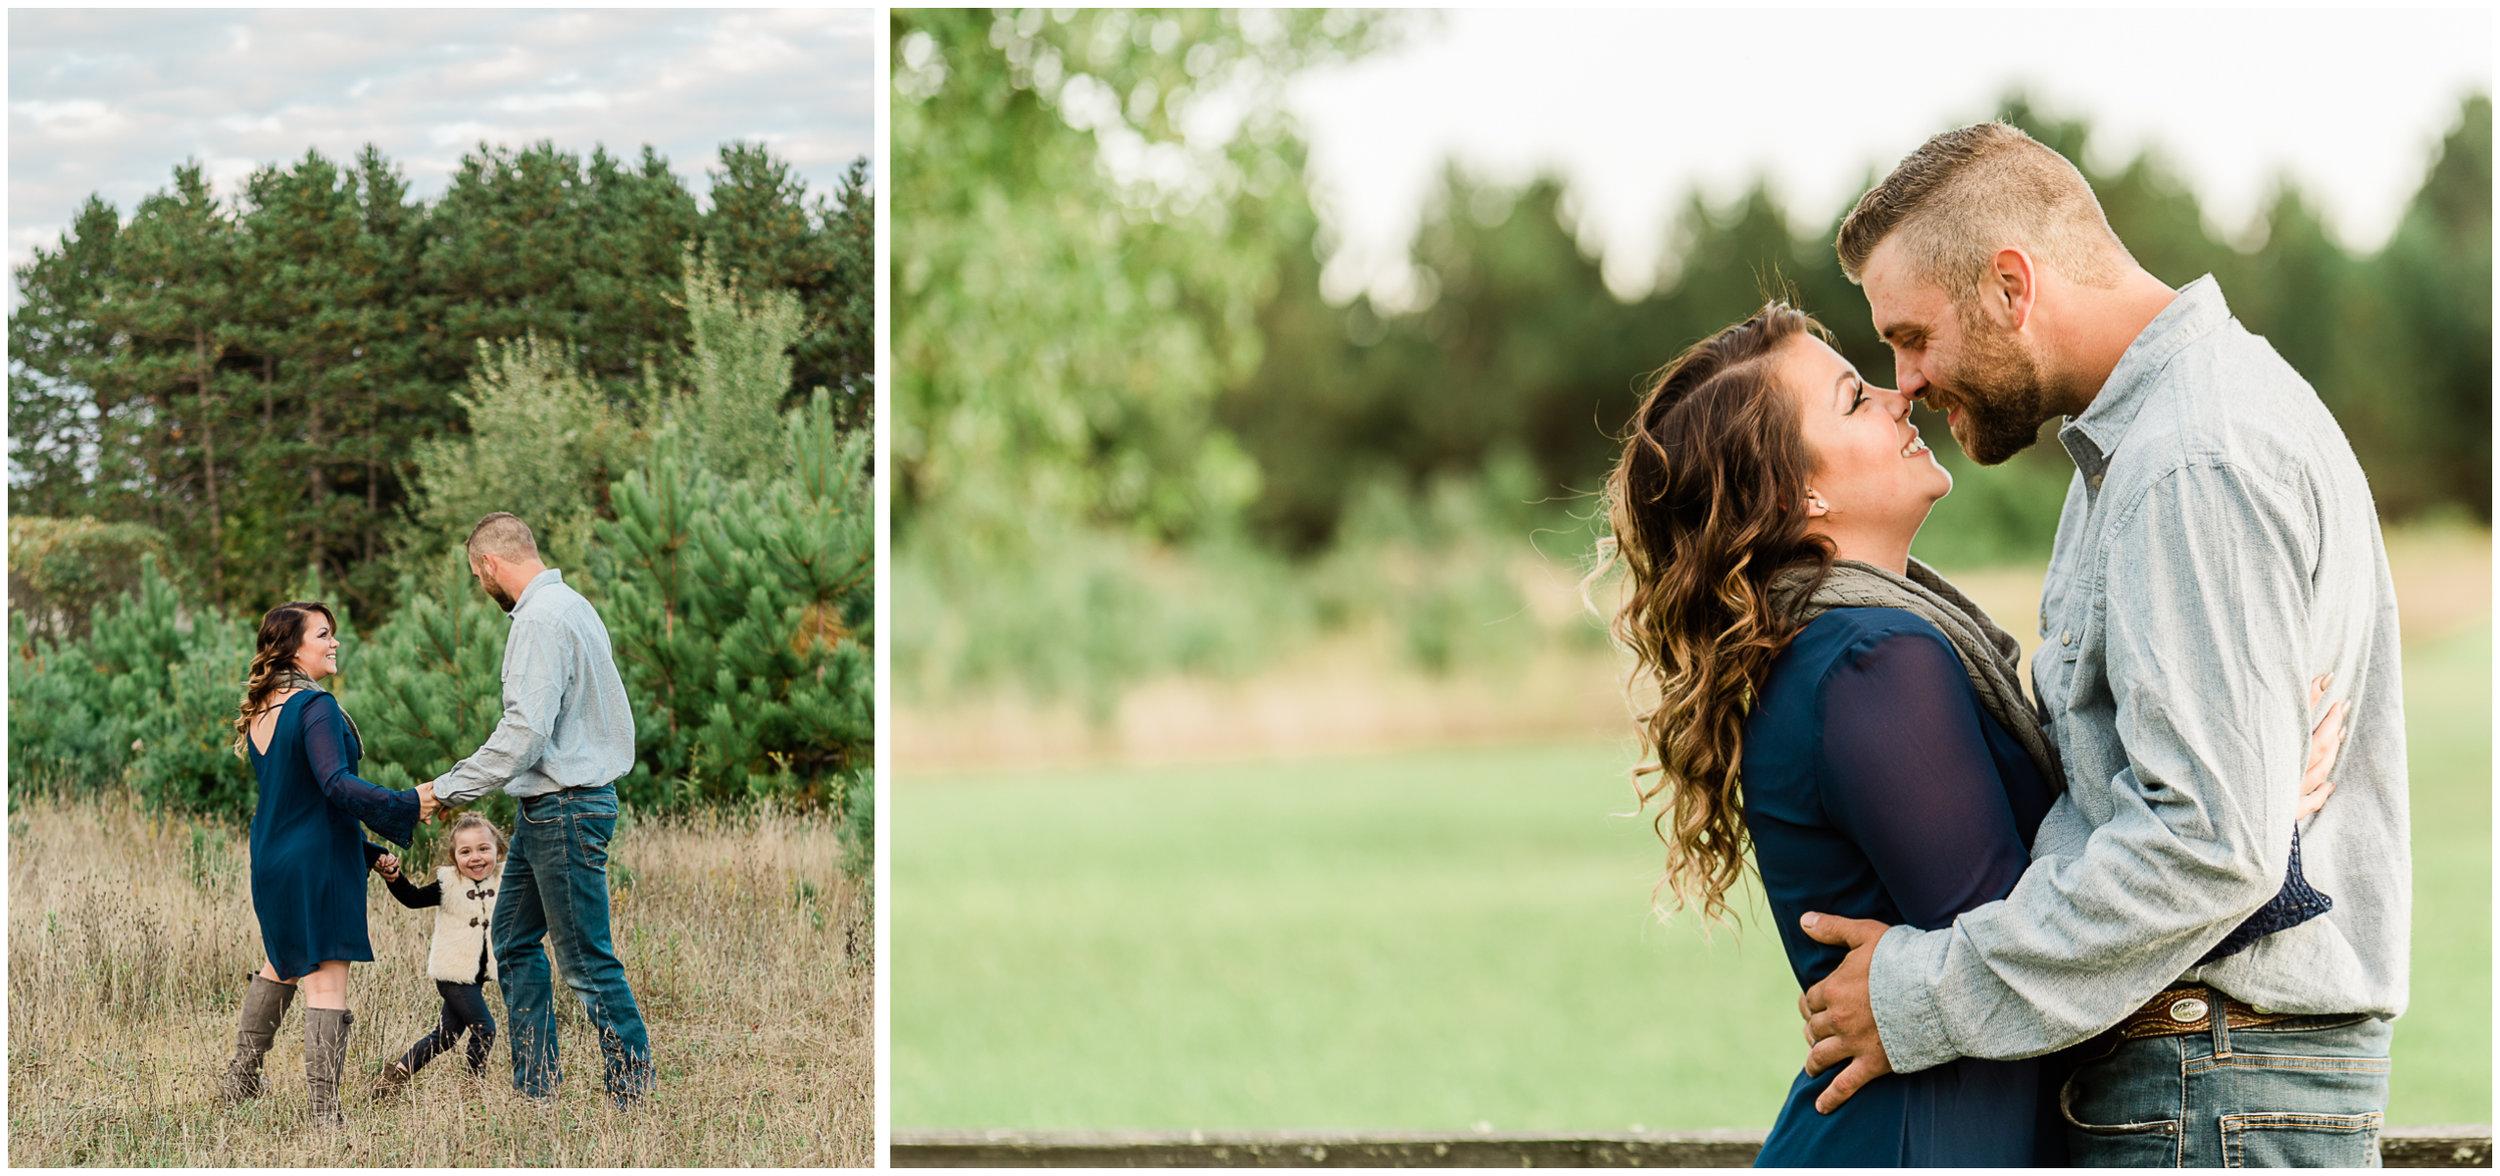 rhinelander-wisconsin-wedding-photographer-minocqua-eagle-river-northwoods-affordable-famiy-senior-engagement-photography8.jpg